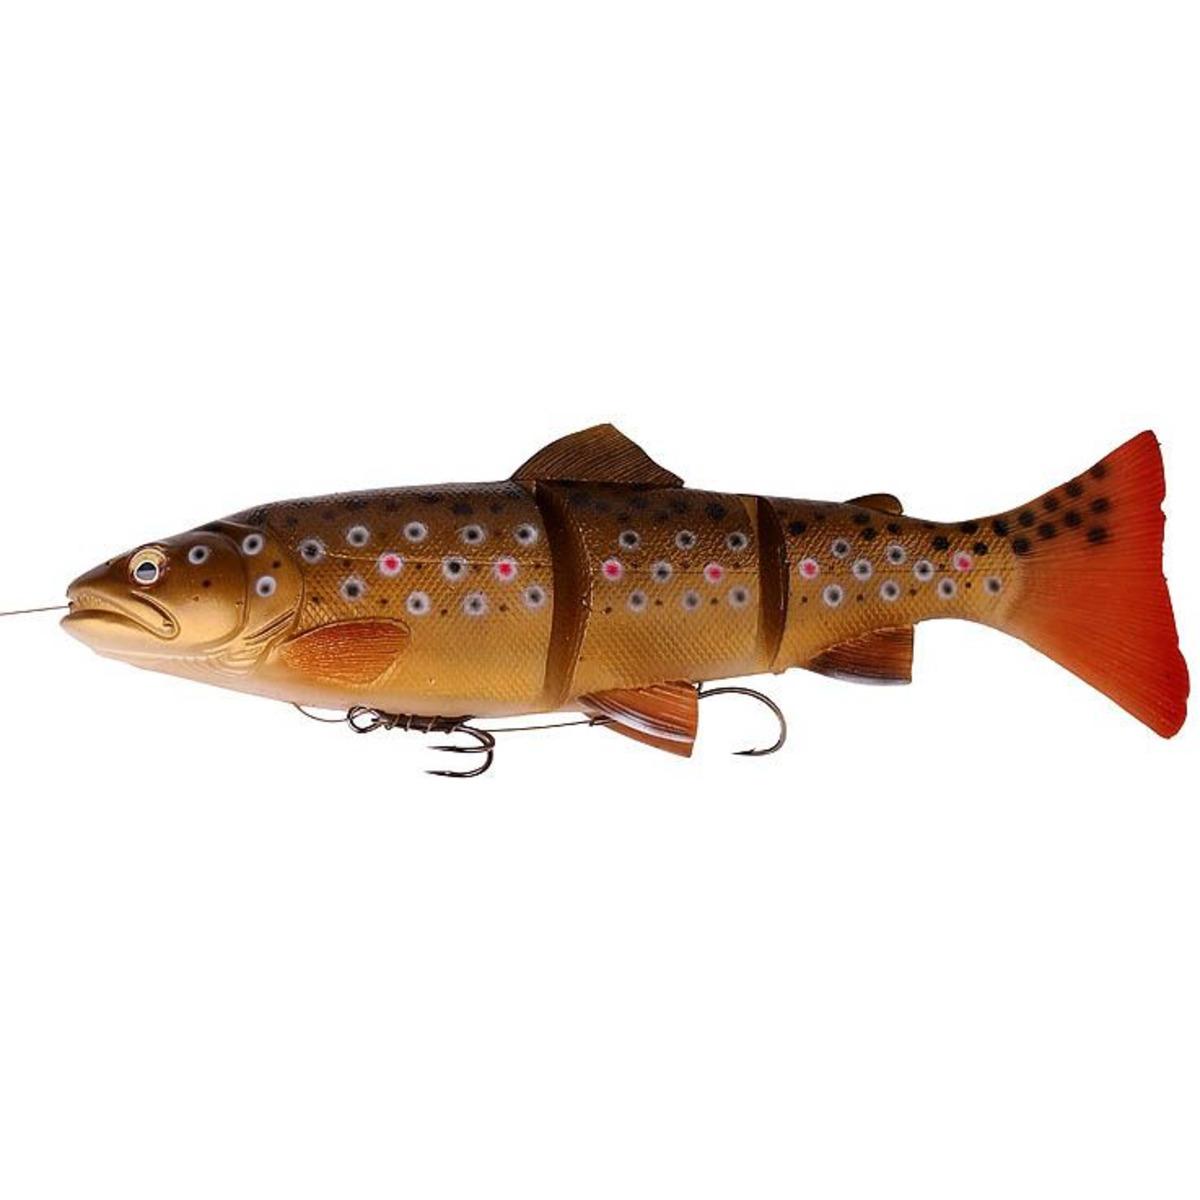 Savage Gear 3D Trout Line Thru - 20 cm - 93 g - Dark Brown Trout